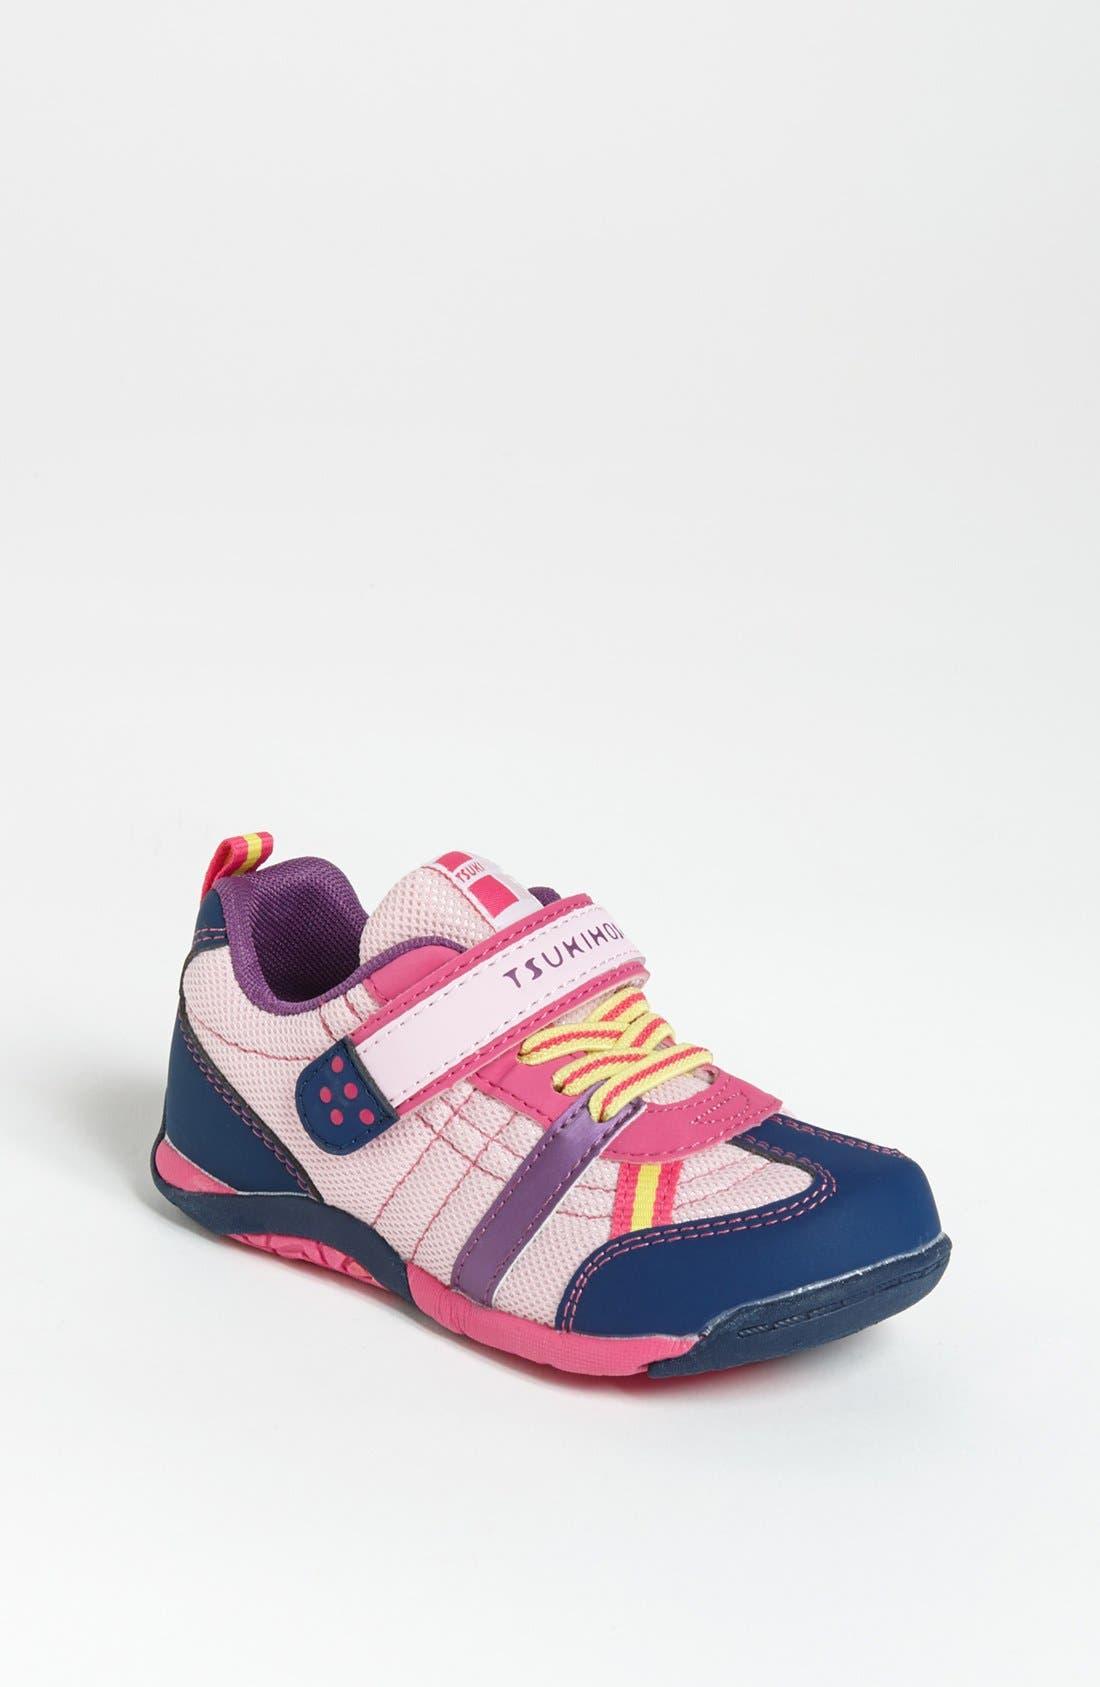 Main Image - Tsukihoshi 'Child 21' Sneaker (Toddler)